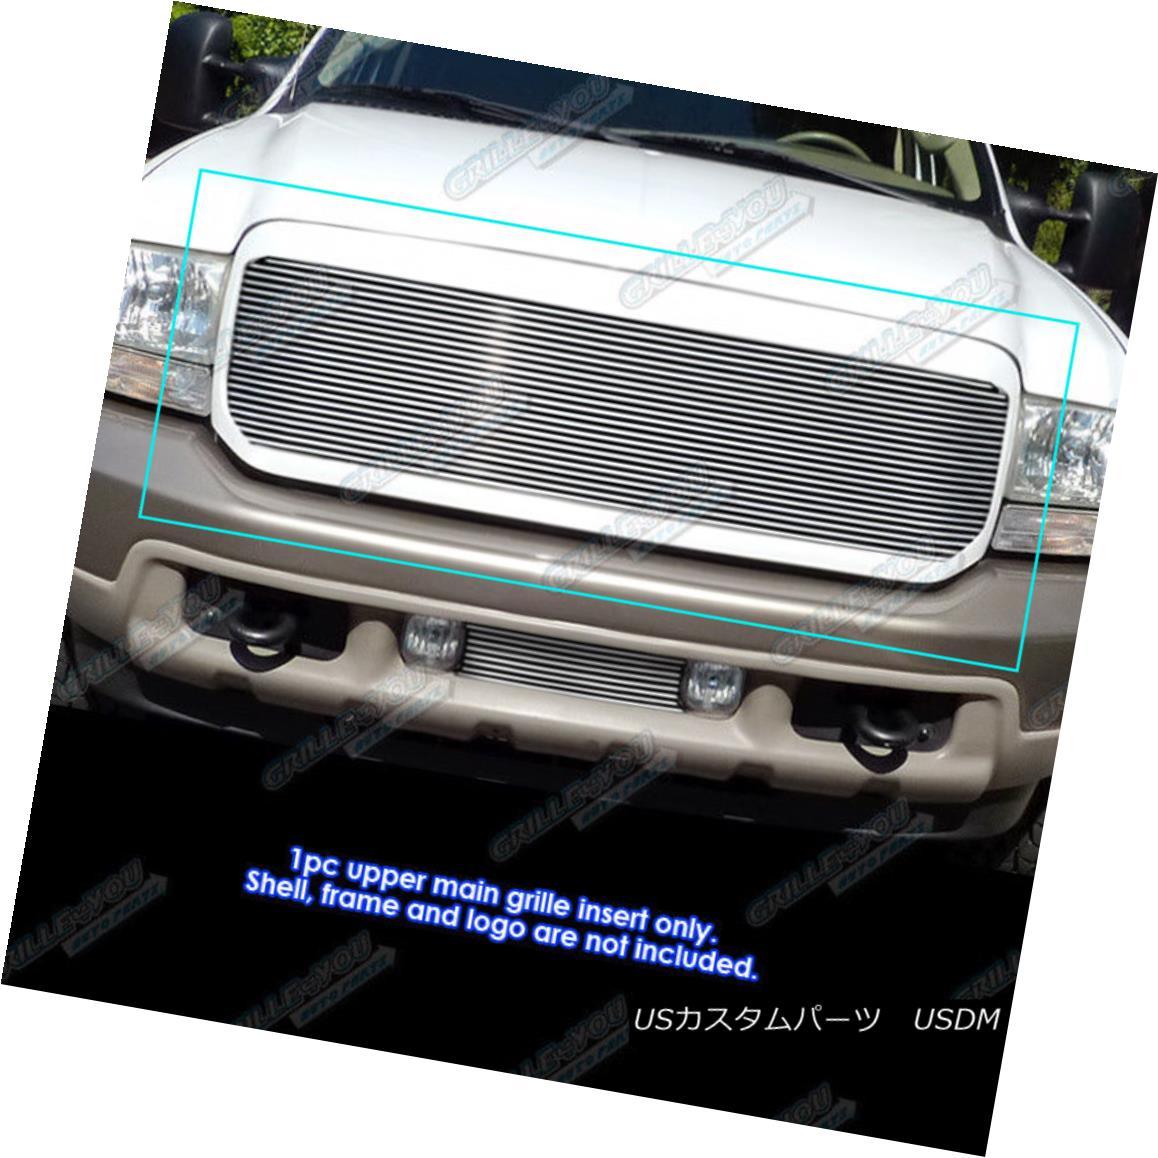 グリル Fits 99-04 Ford F250/F350 Super Duty/Excursion Main Upper Billet Grille フィット99-04 Ford F250 / F350スーパーデューティ/エクスカーションメインアッパービレットグリル